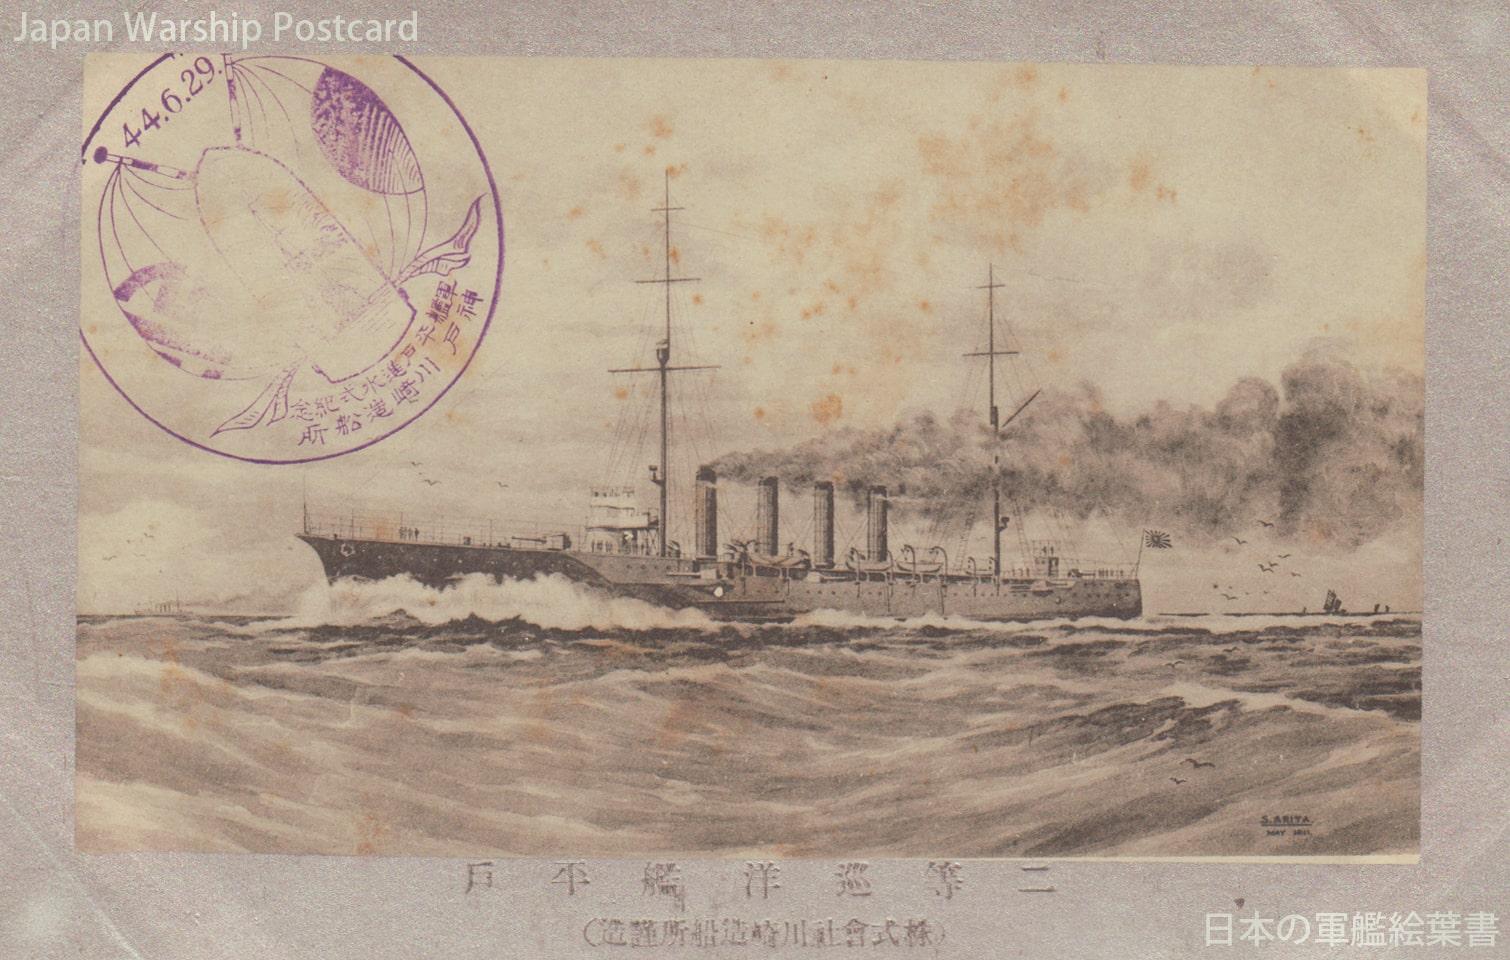 軍艦平戸進水記念